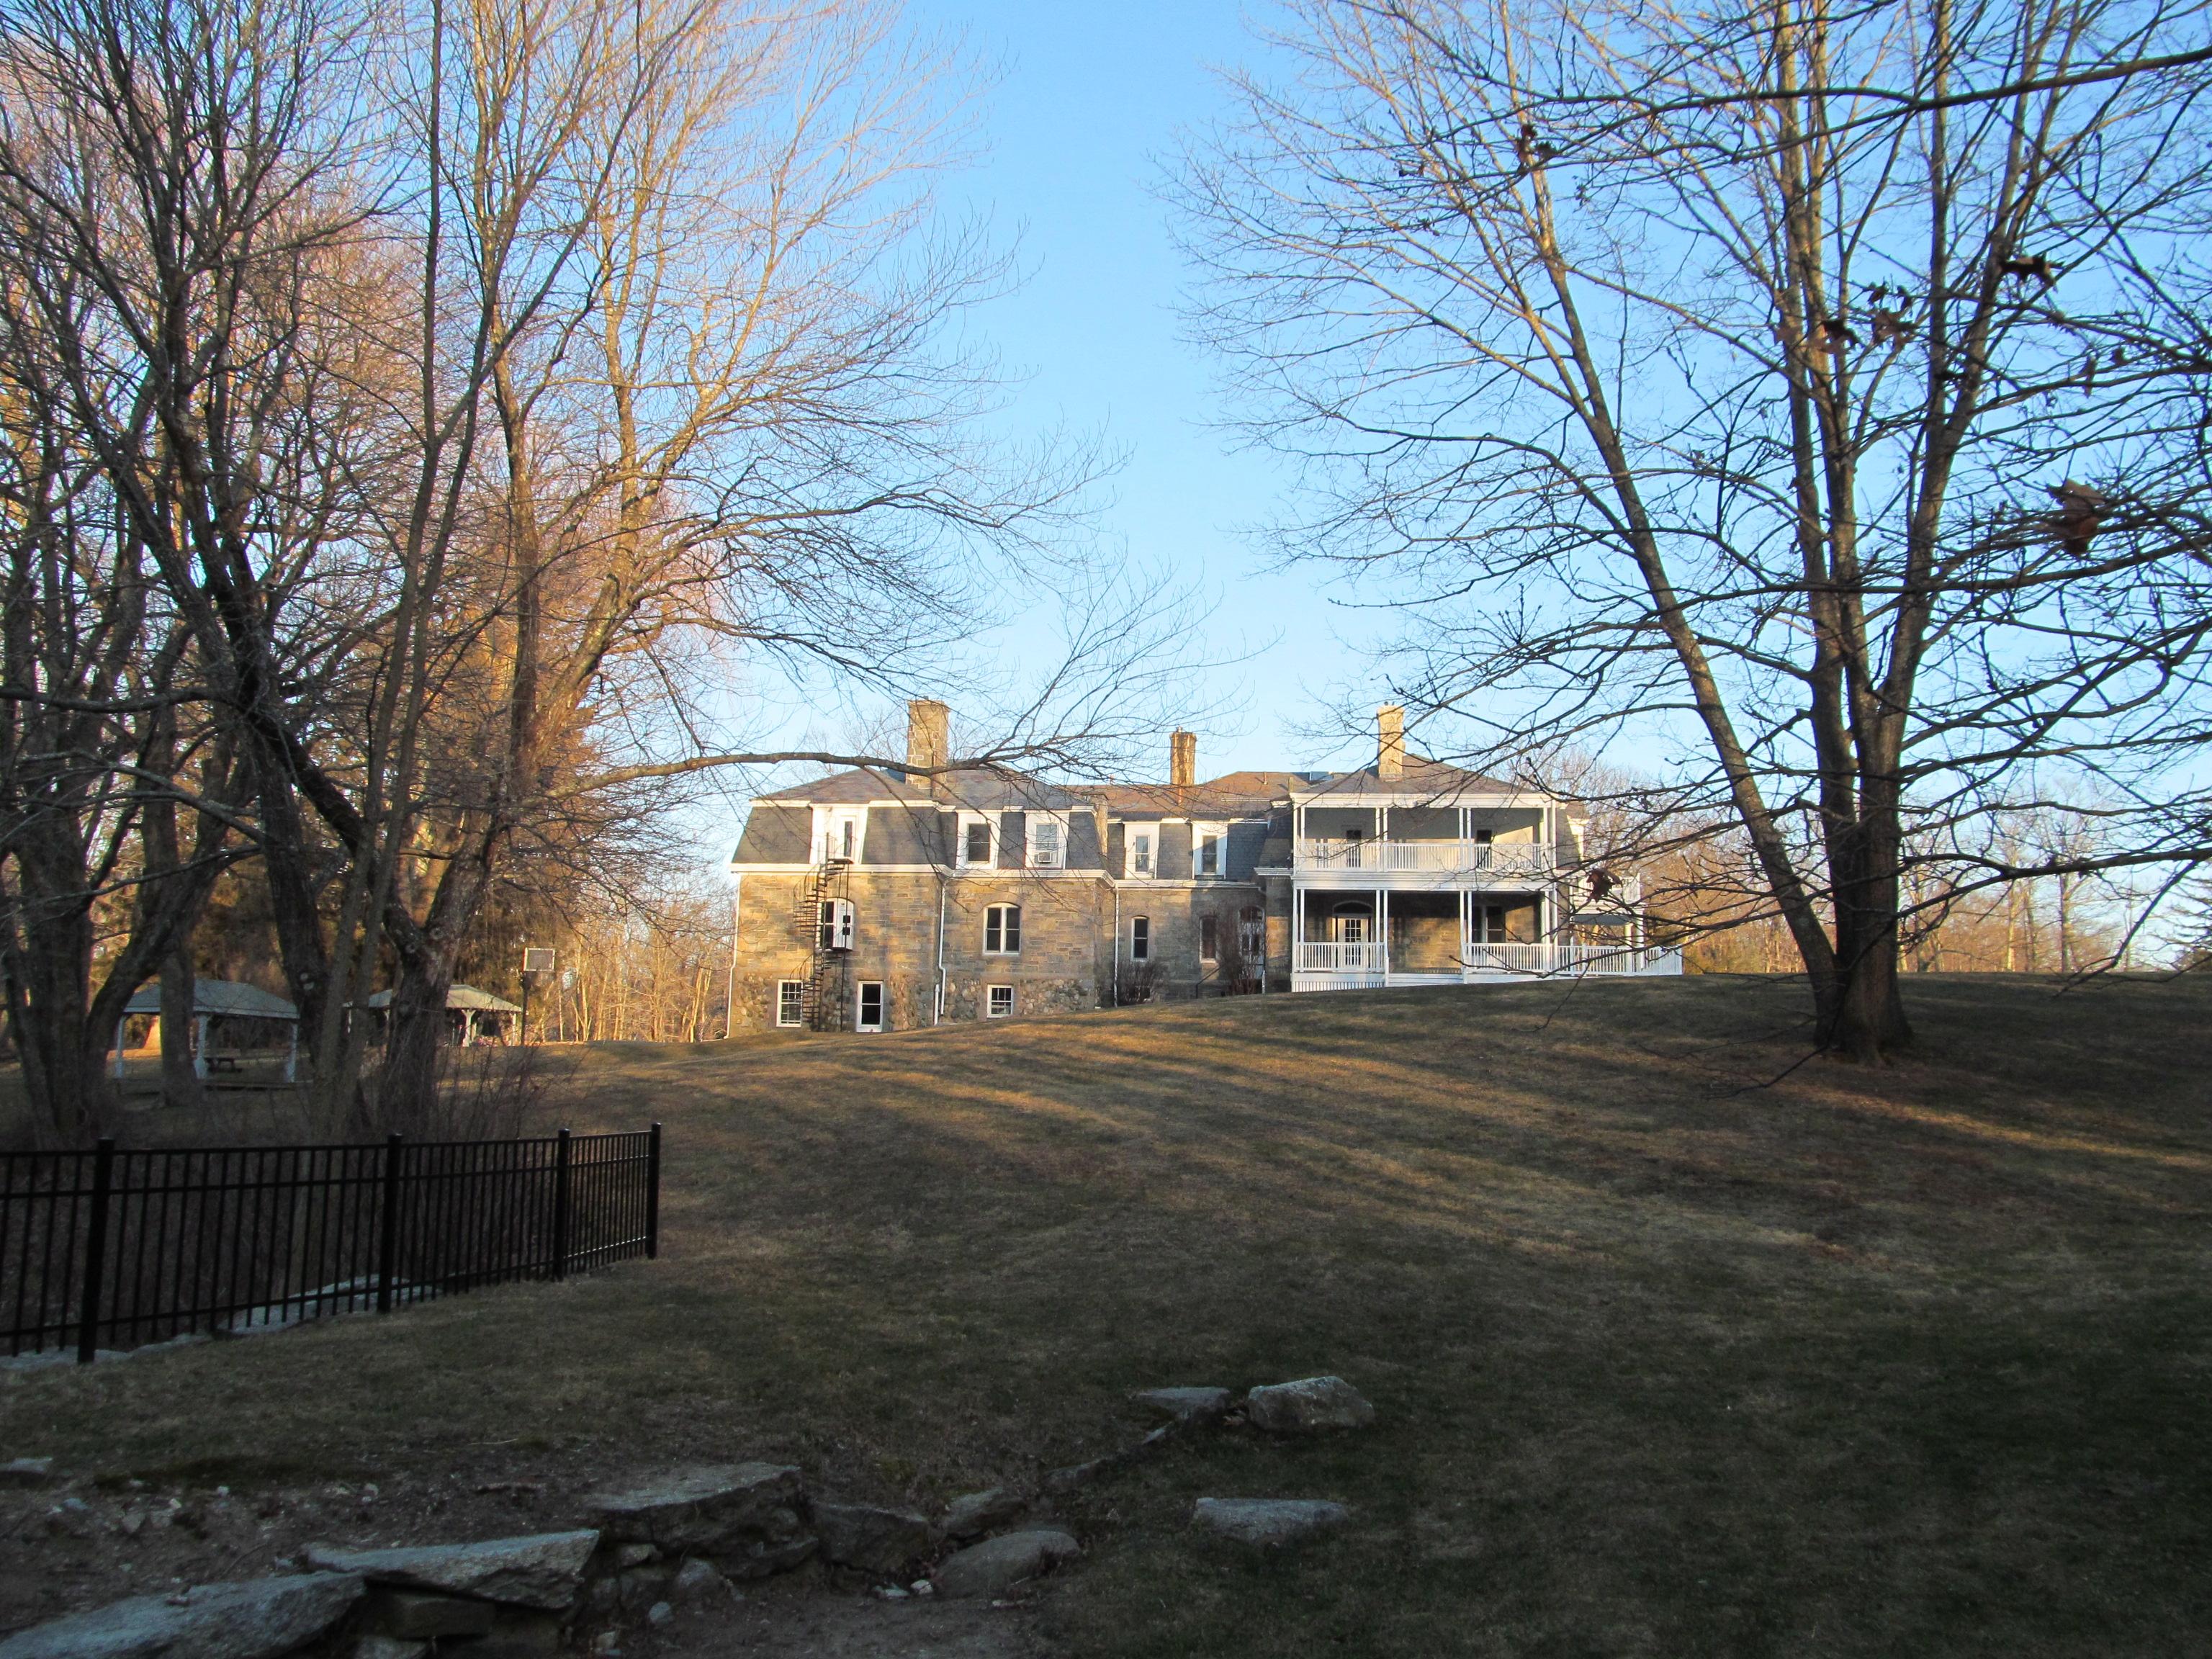 בית הספר סדברי ואלי